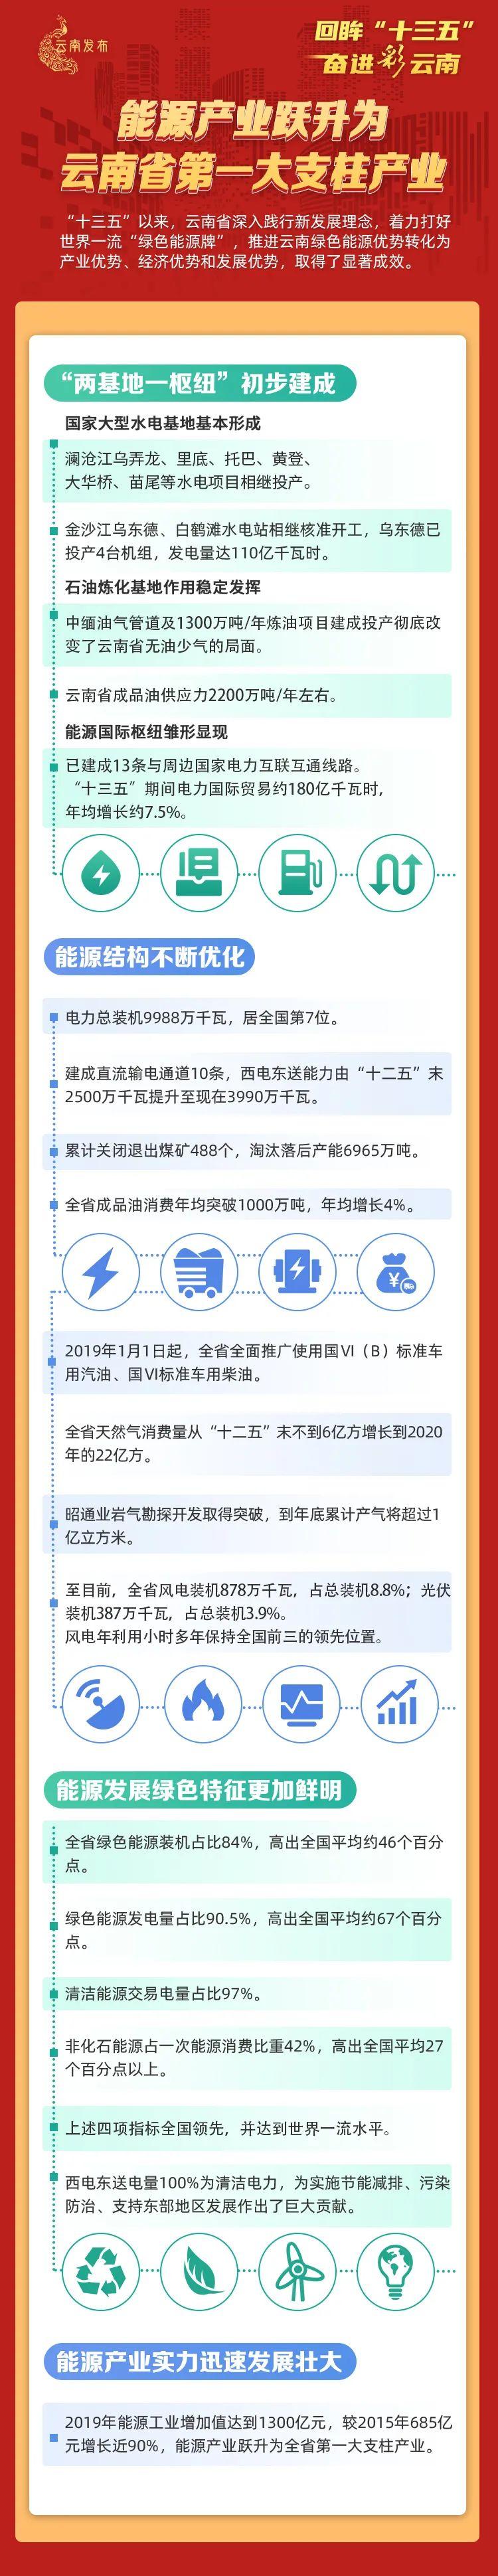 能源产业跃升为云南省第一大支柱产业!